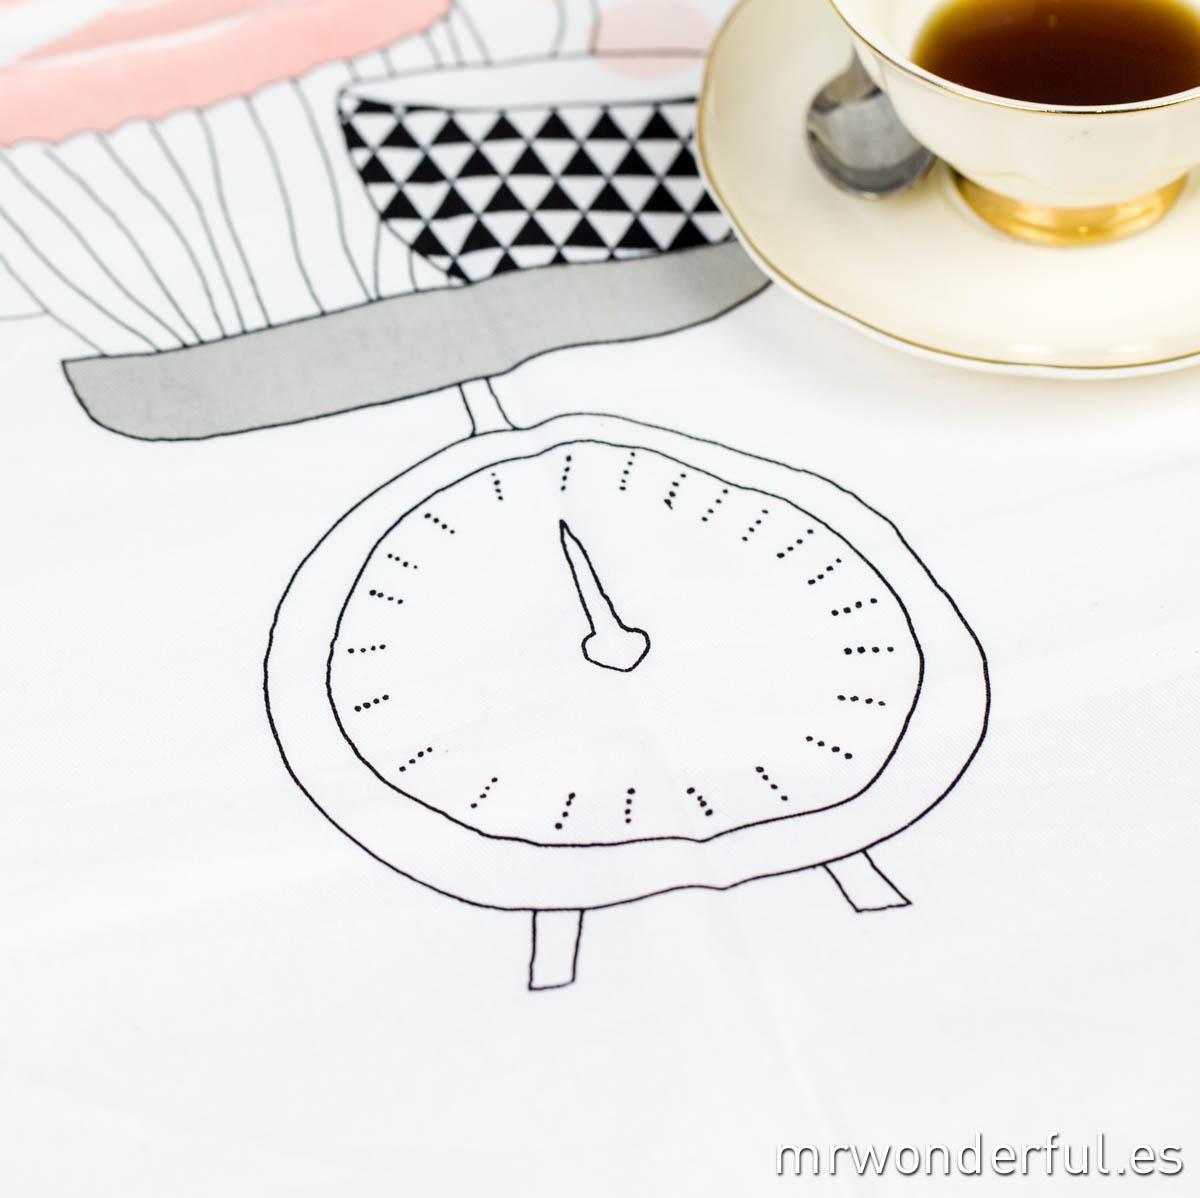 629005_kitchen-towel_cocina-7